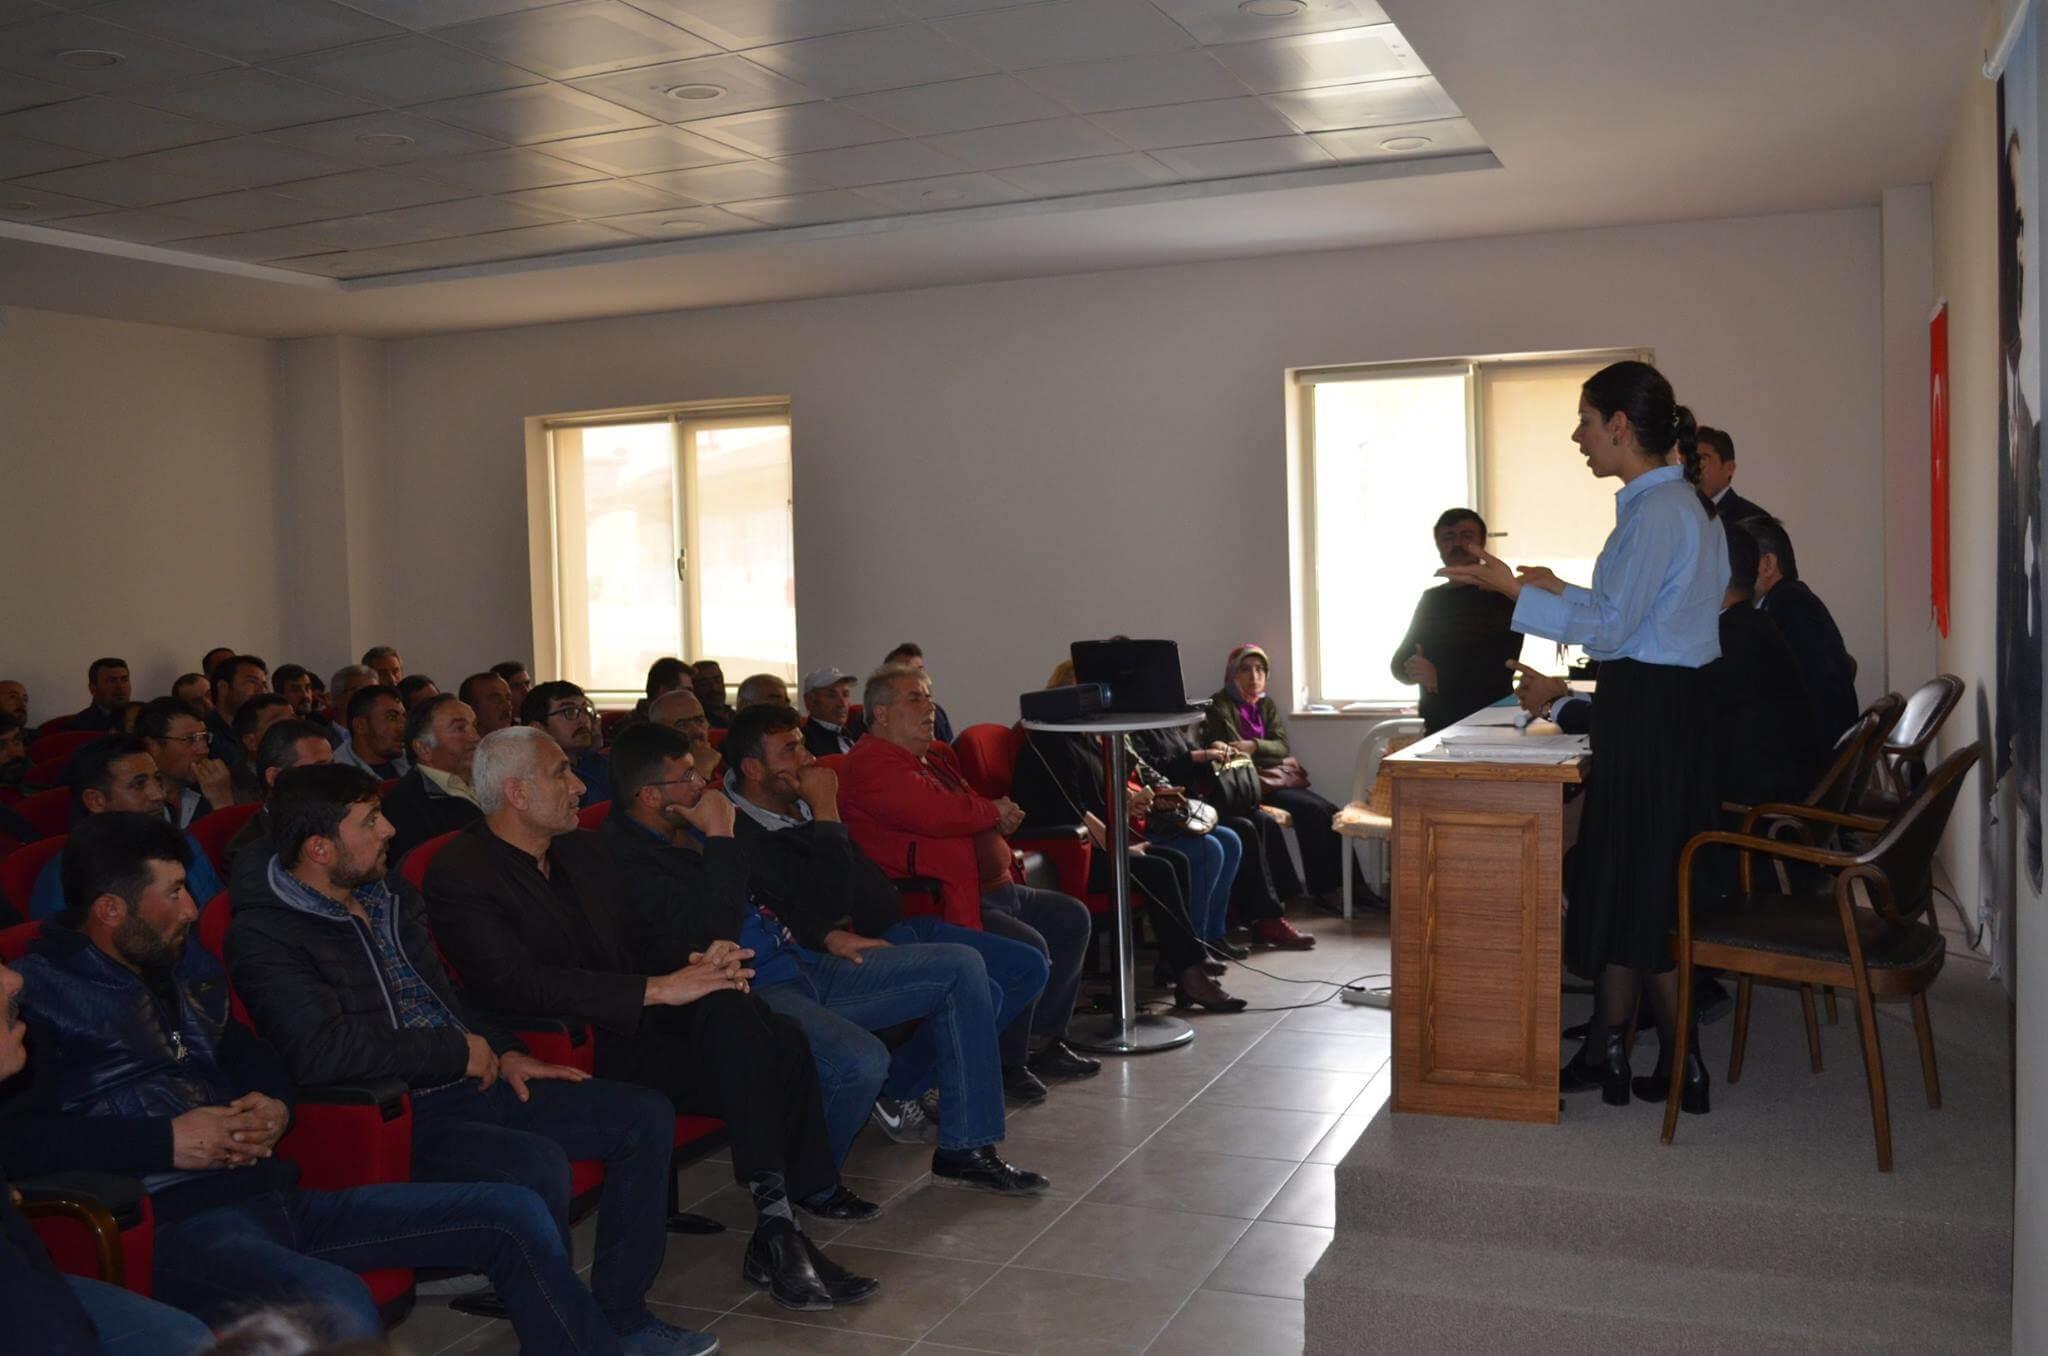 Genç Çiftçilere 30 Bin Liralık Hibe Bilgilendirme Toplantısı Yapıldı